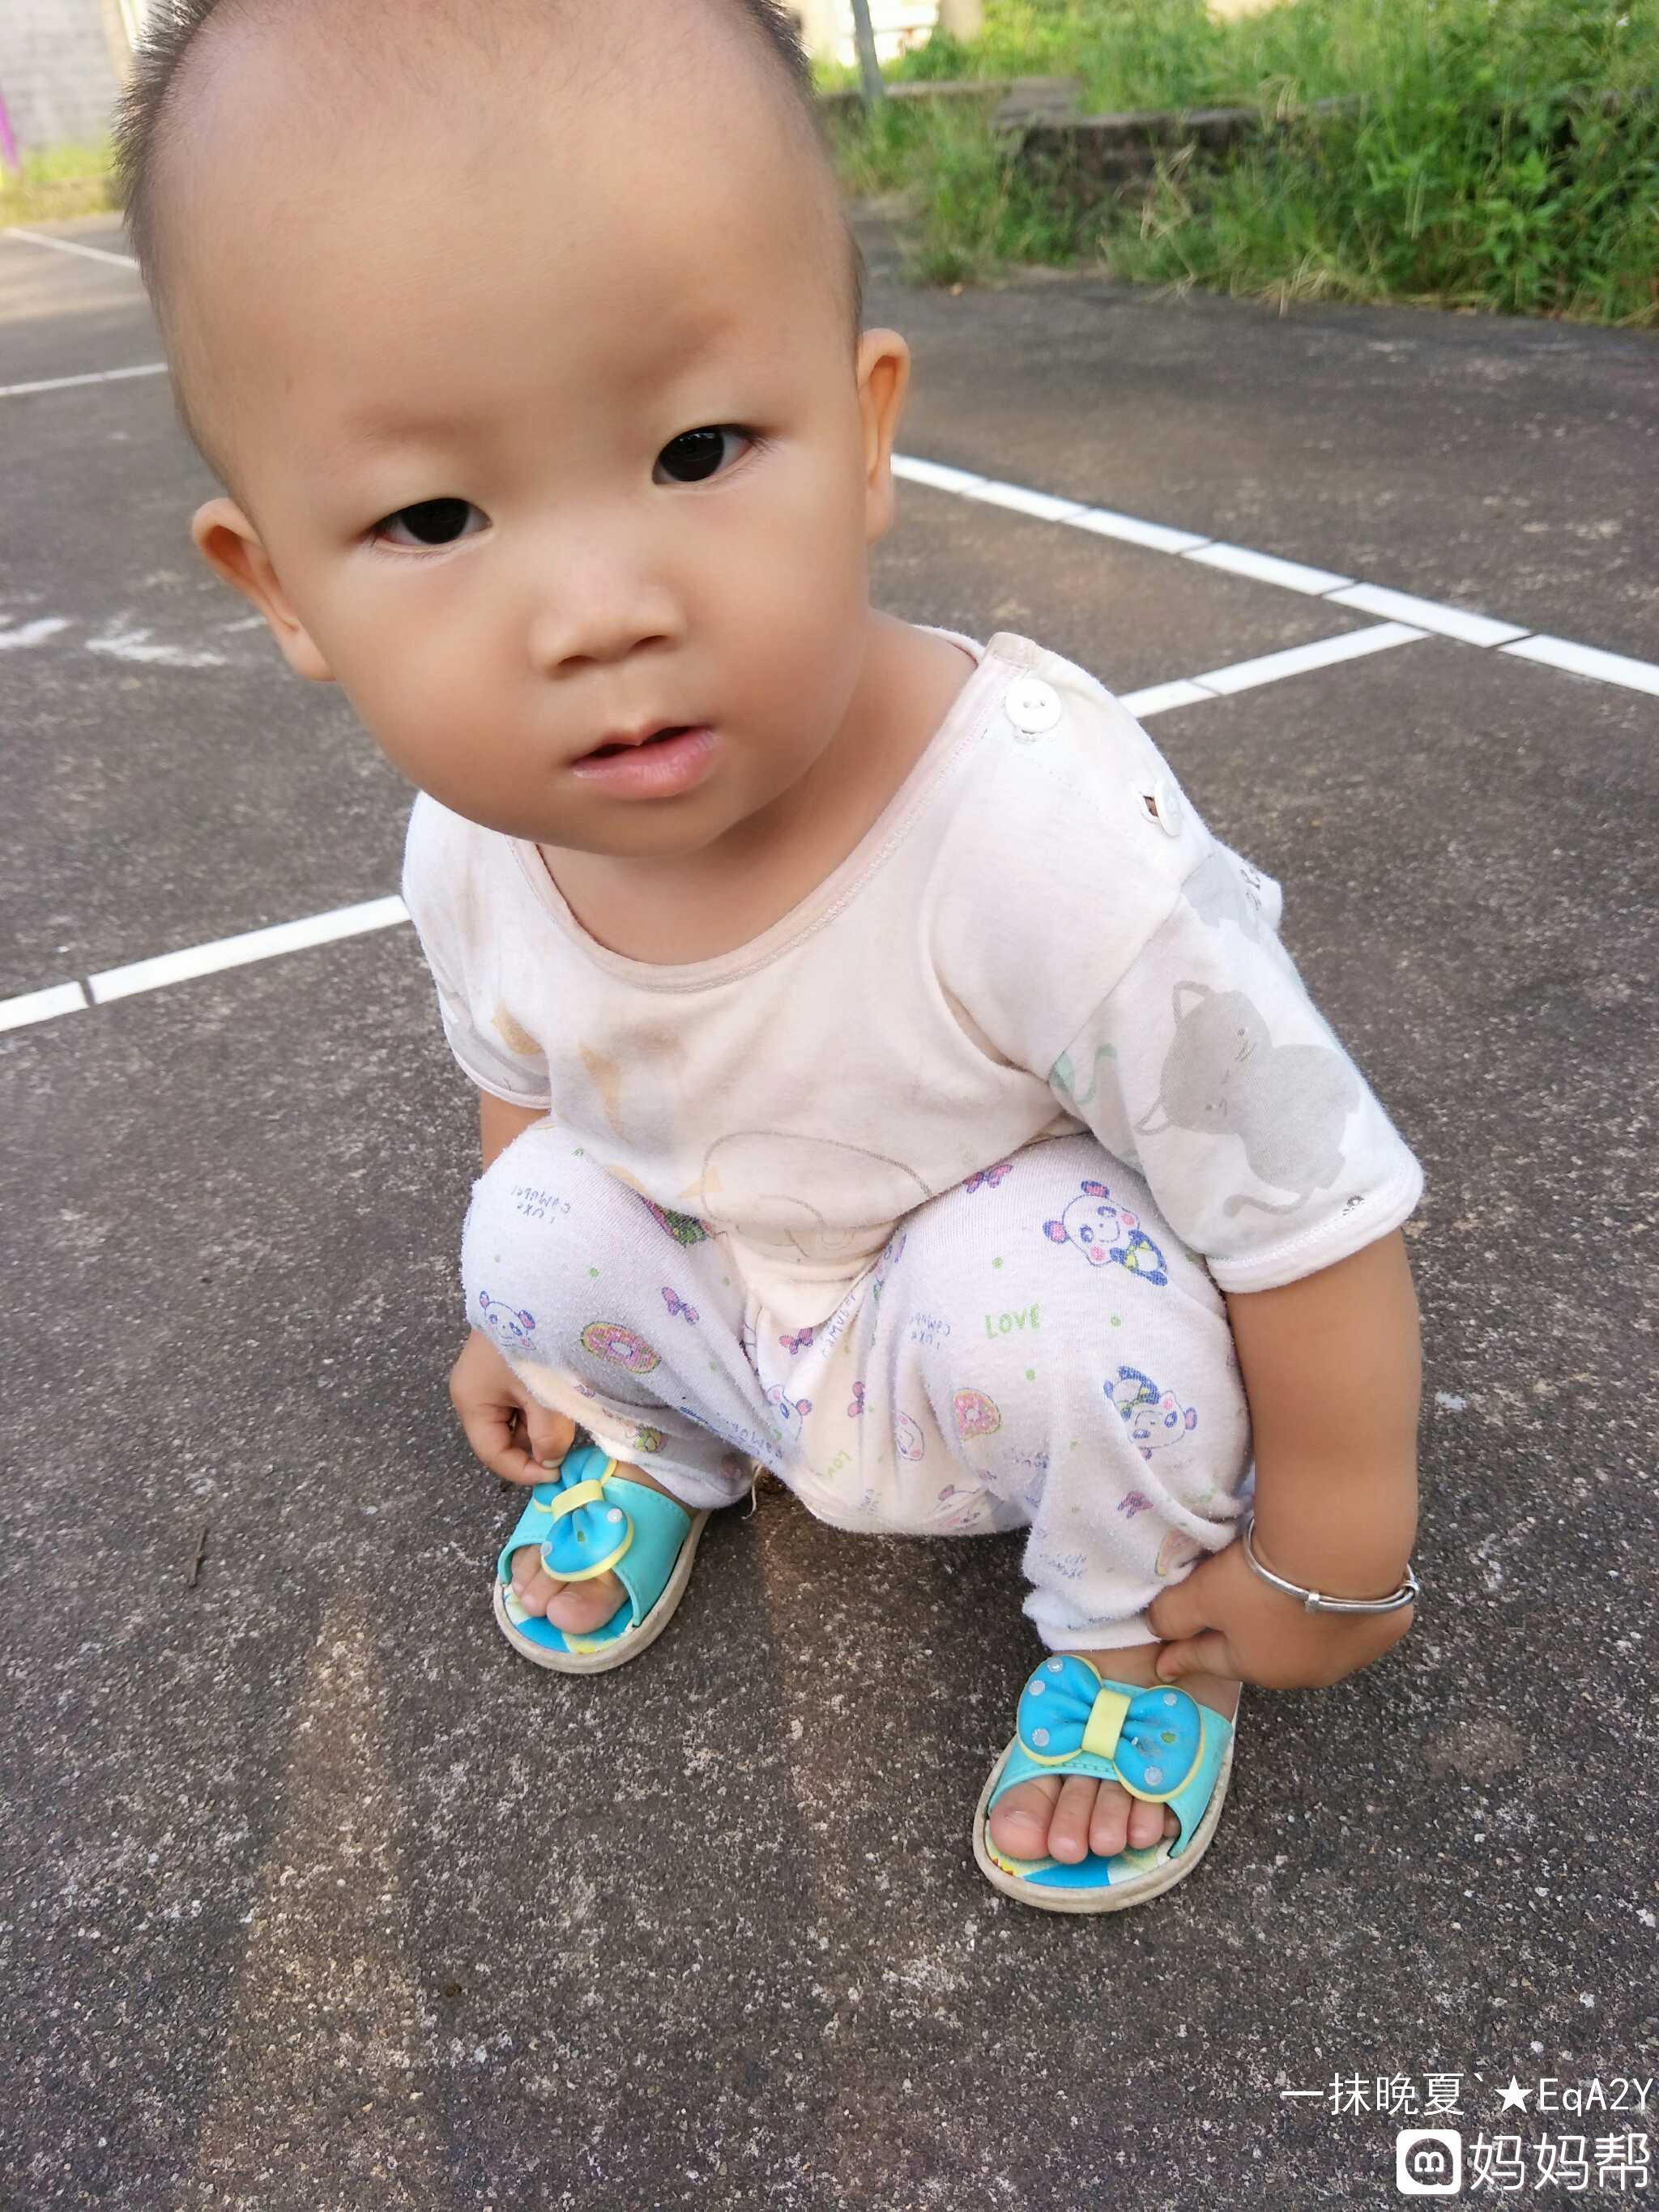 一岁宝宝贫血缺钙都有点严重 该吃什么补呢 求